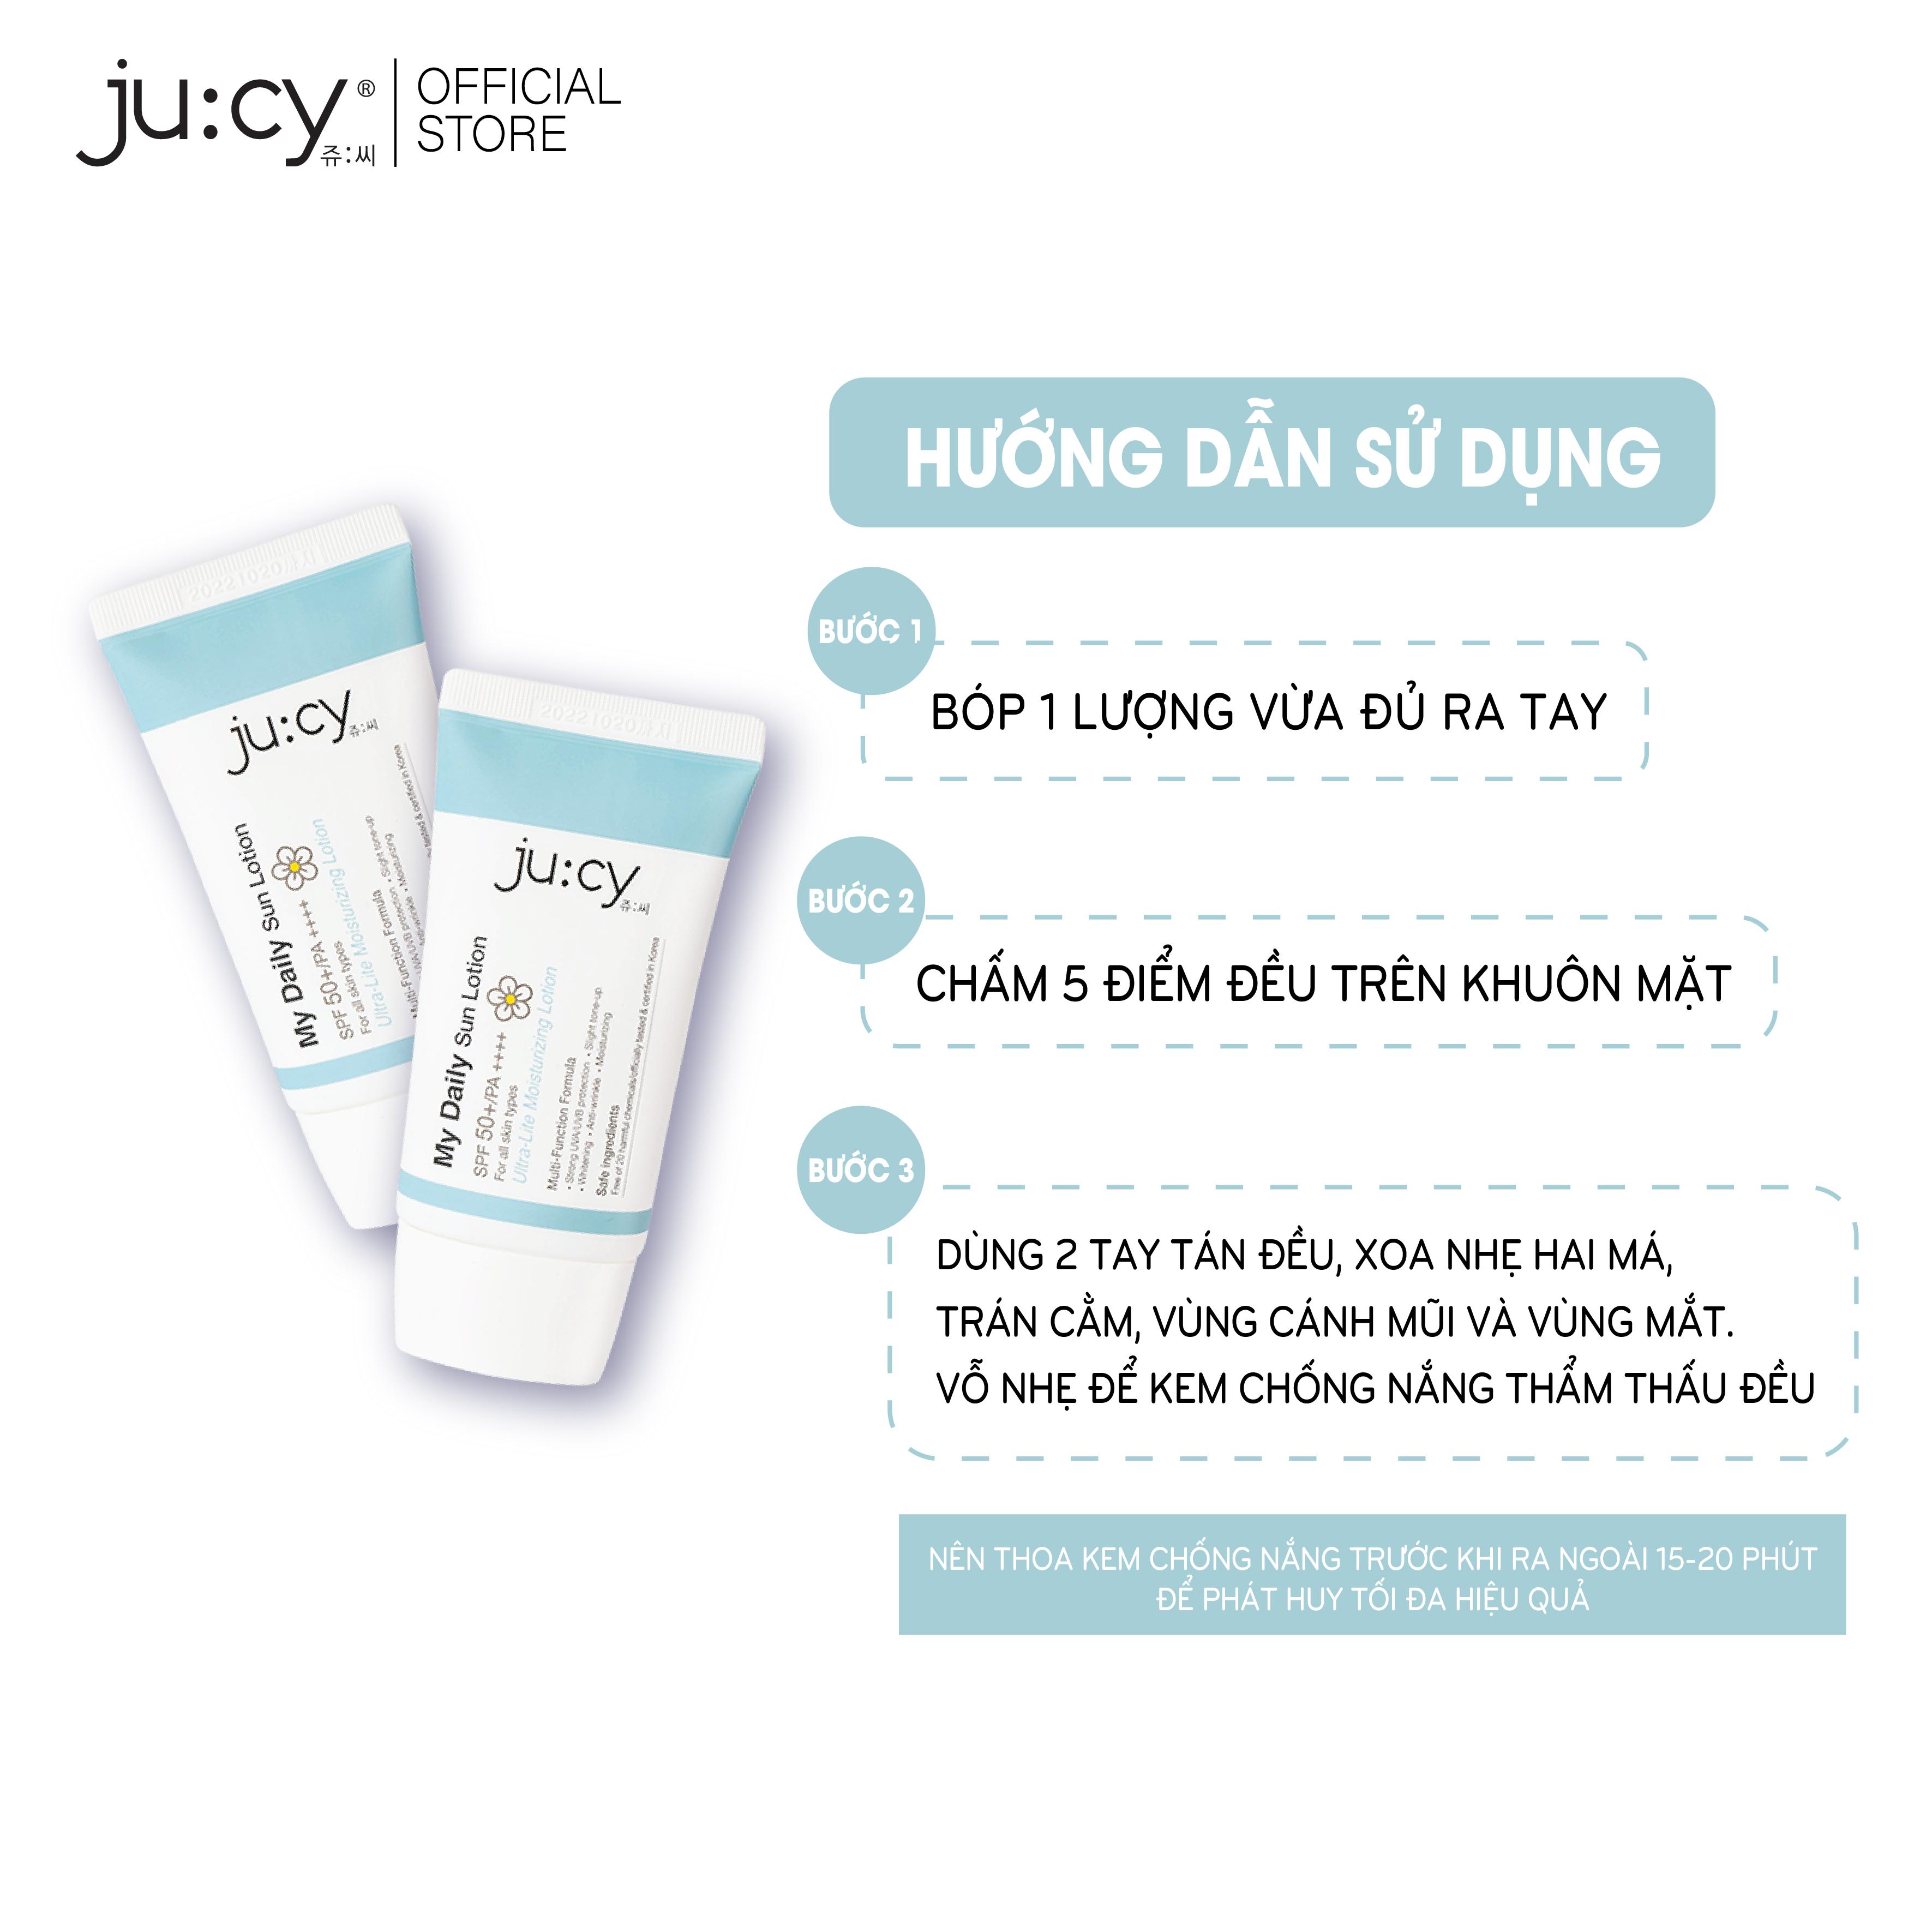 (Chuẩn Hãng) 2 Kem Chống Nắng Hàn Quốc dành cho da khô, da nhạy cảm Ju:cy My Daily Sunlotion 45ml